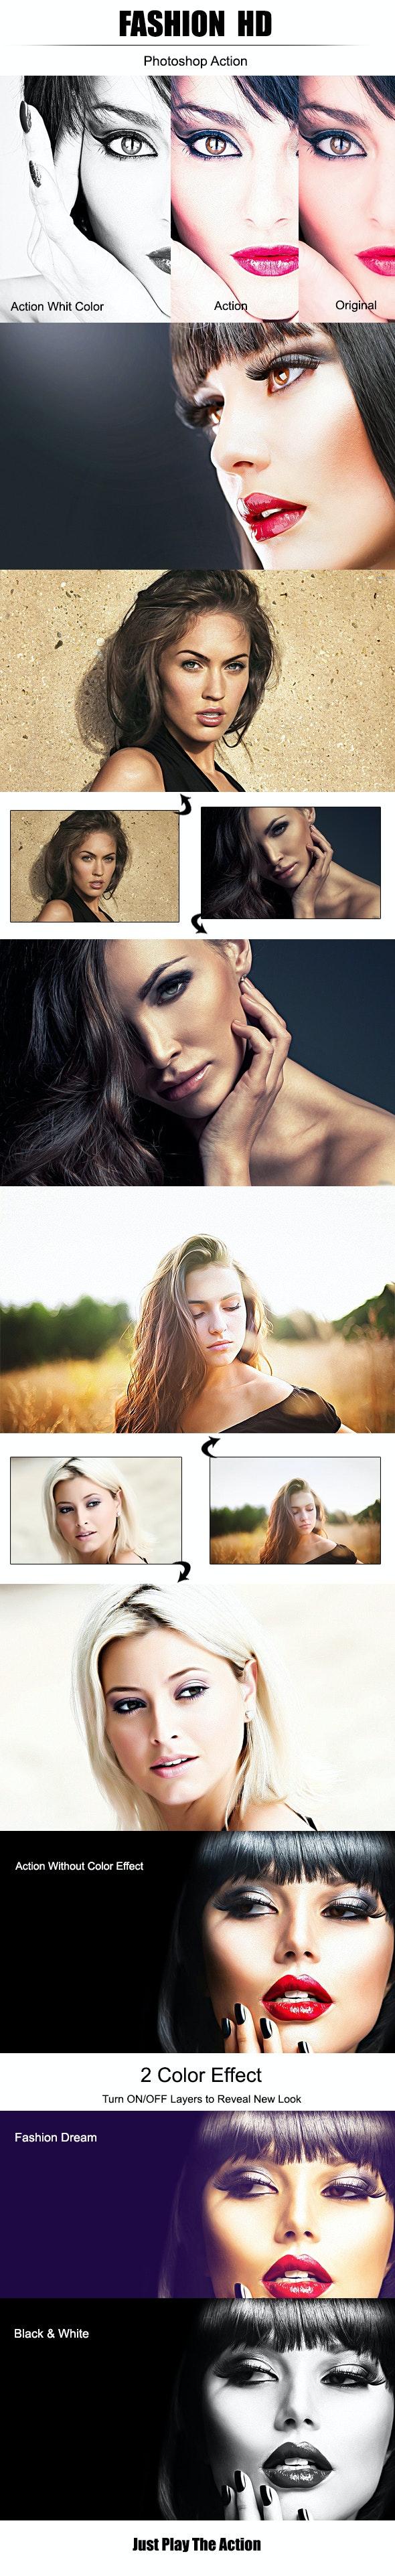 Fashion HD - Photoshop Add-ons